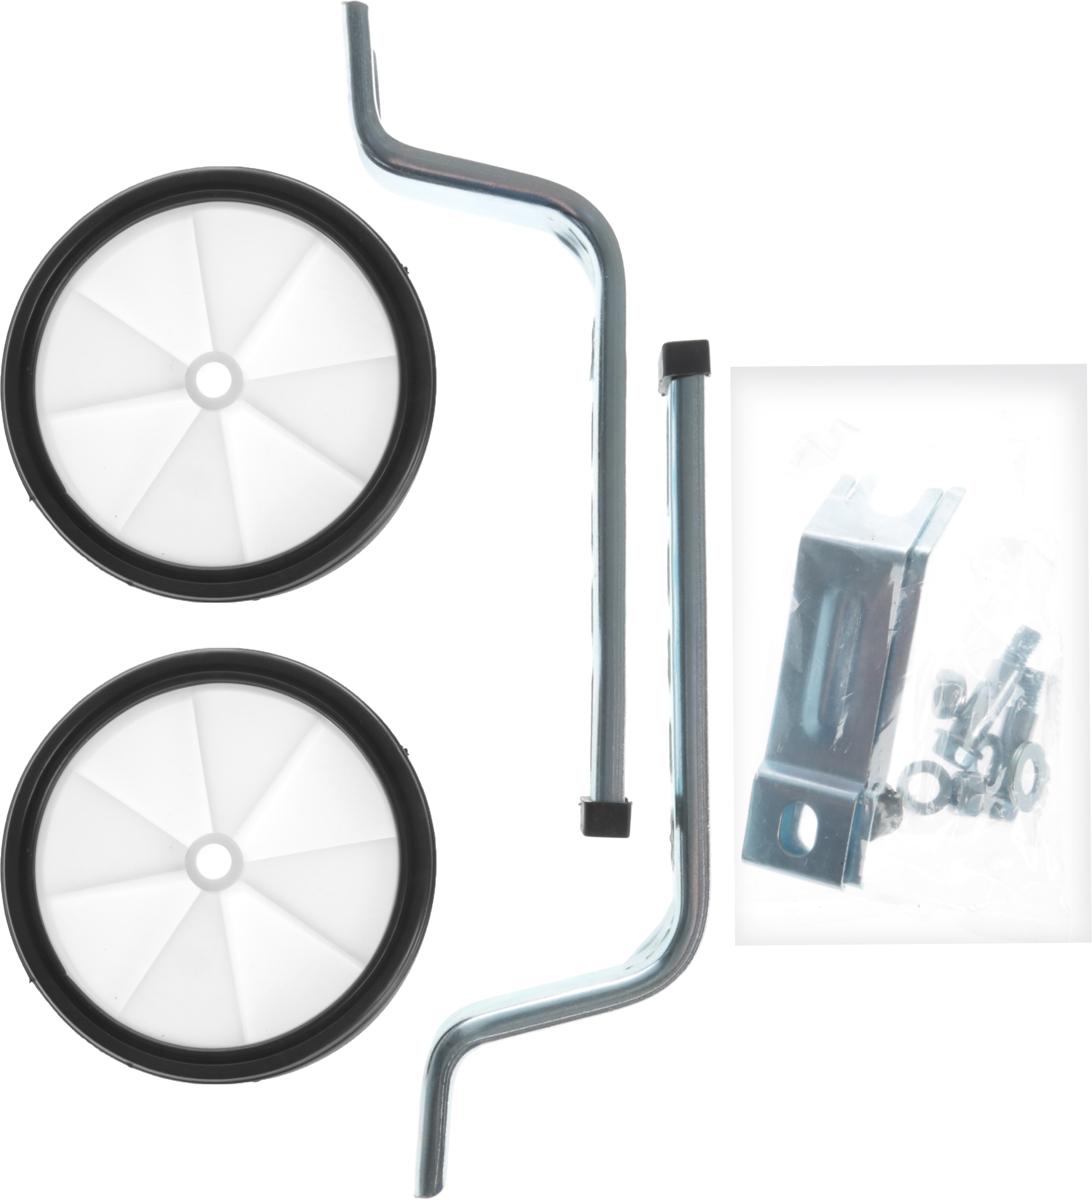 Колеса для велосипеда Shao Mao, дополнительные балансировочные, 12''-20''. 439982 5 pieces lot sp88w8797 mao 2e2too 001